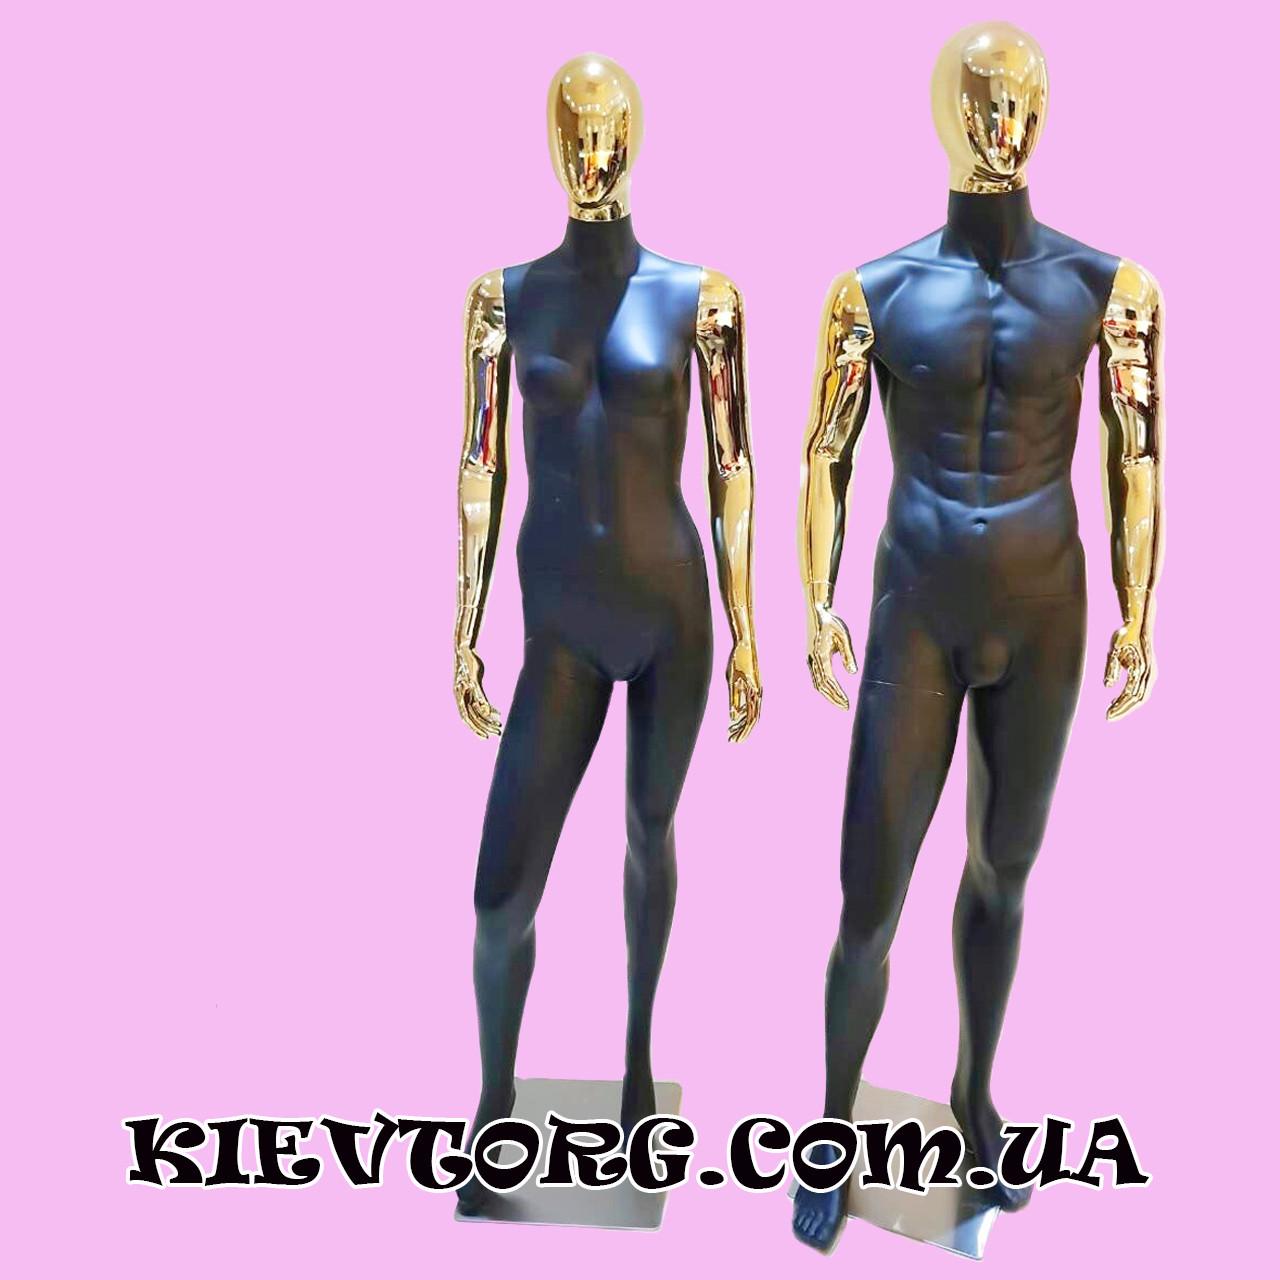 Манекен женский гипсовый матовый черный с золотыми руками для одежды